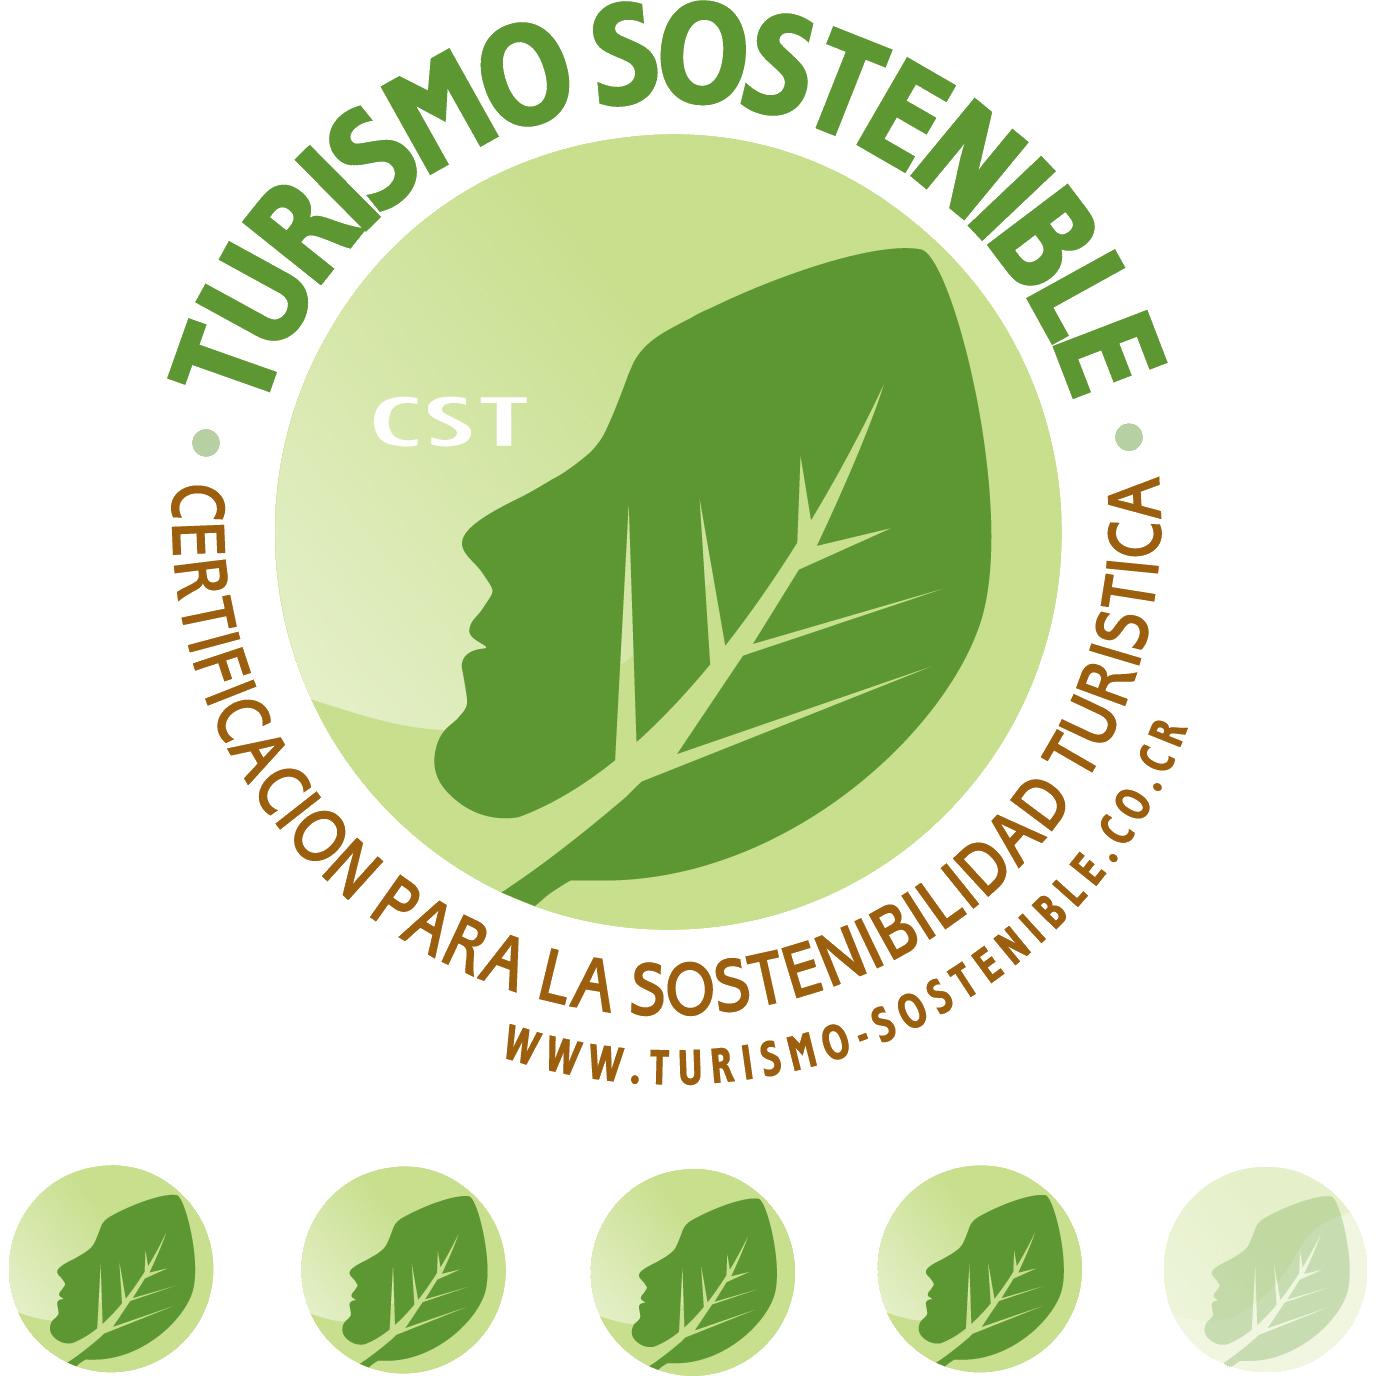 Turismo-sostenible-CST-1